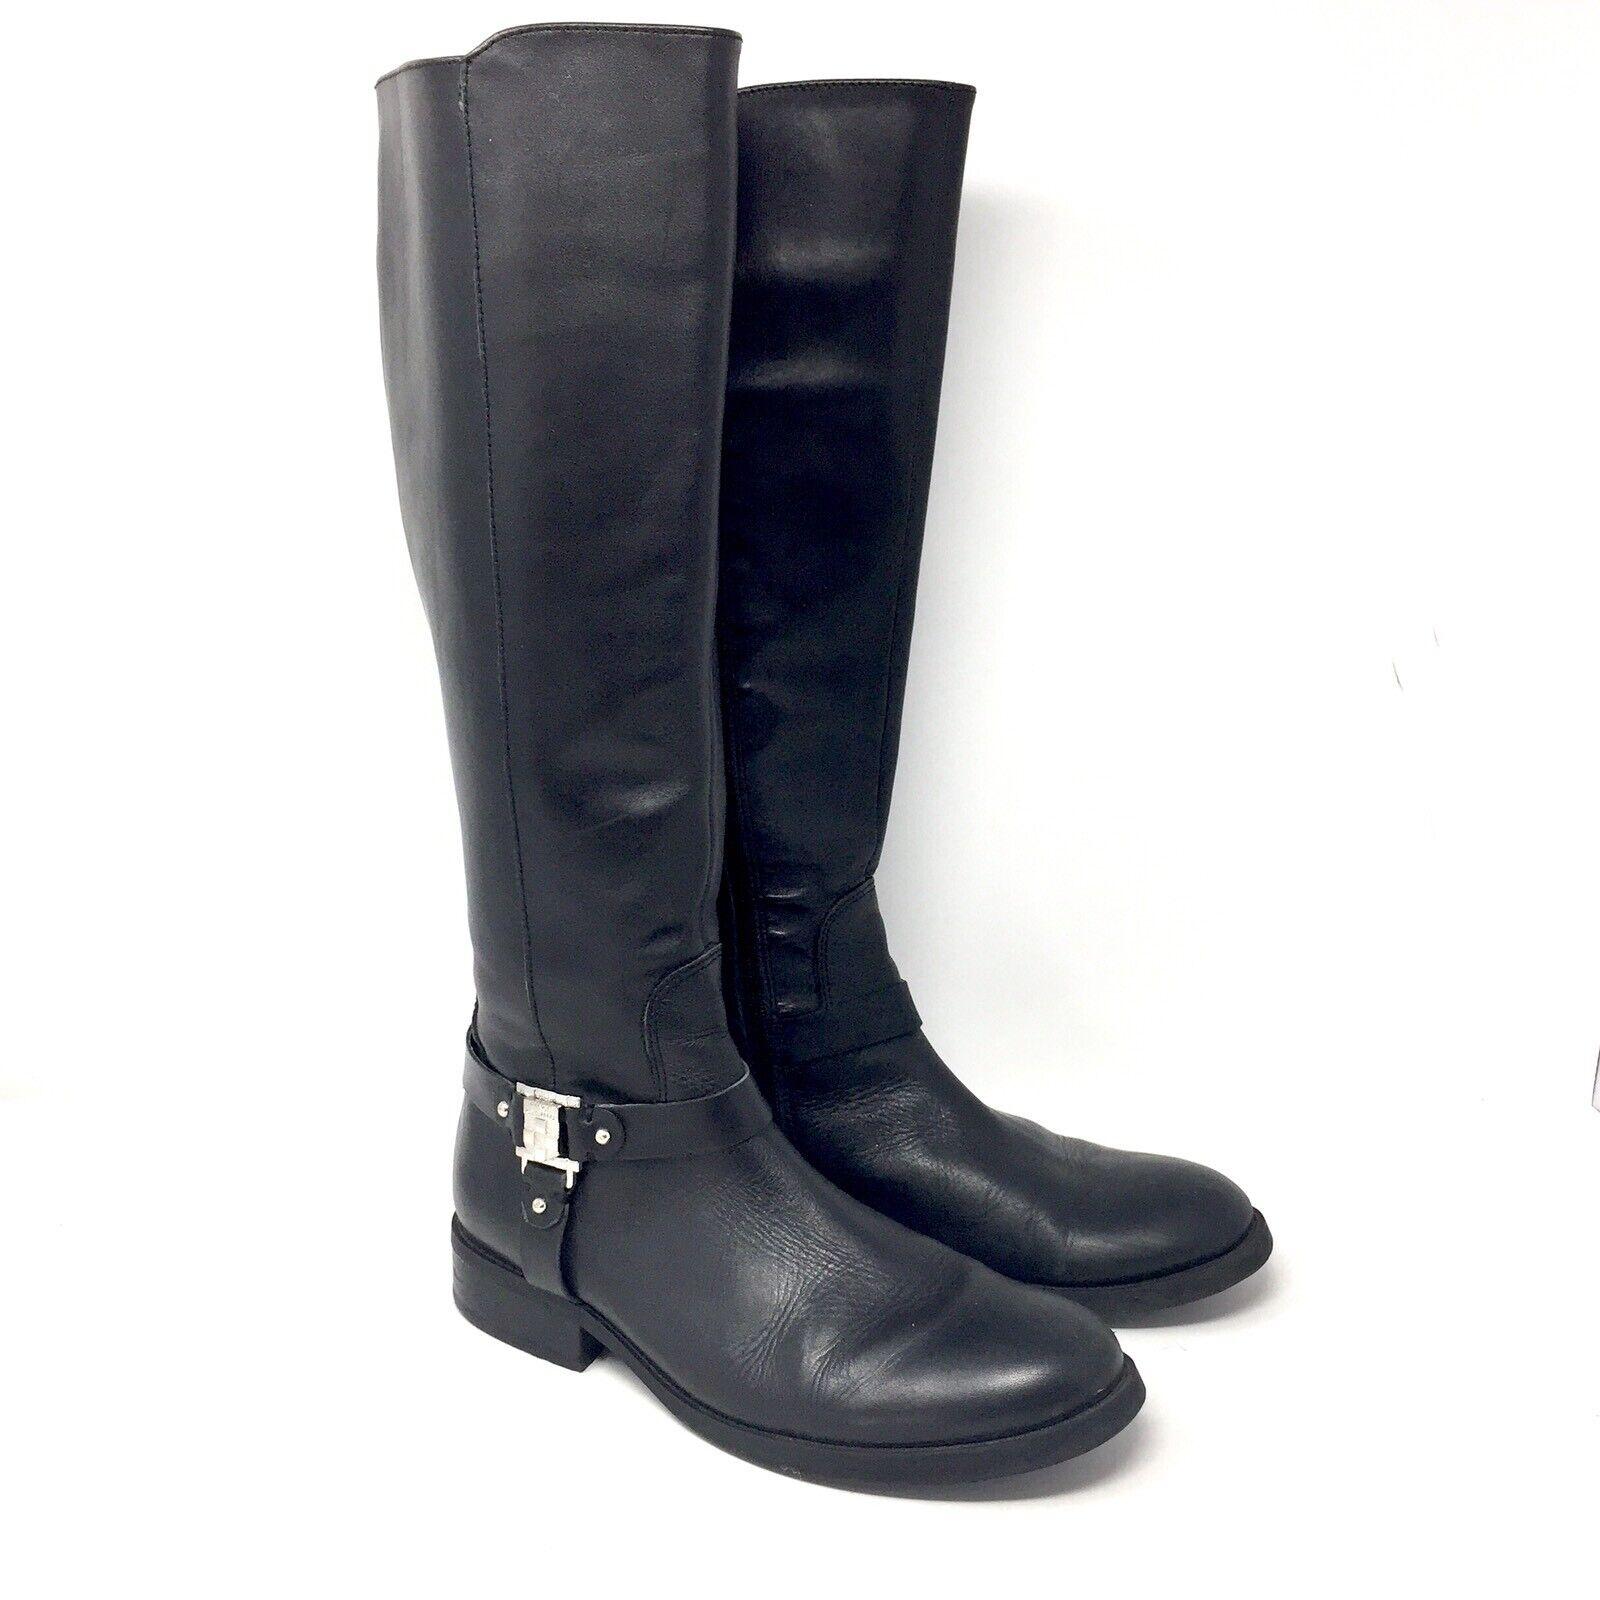 Vince Camuto Farren Tall Cuir noir bottes Moto Harnais Femme Taille 8 M excellent état utilisé